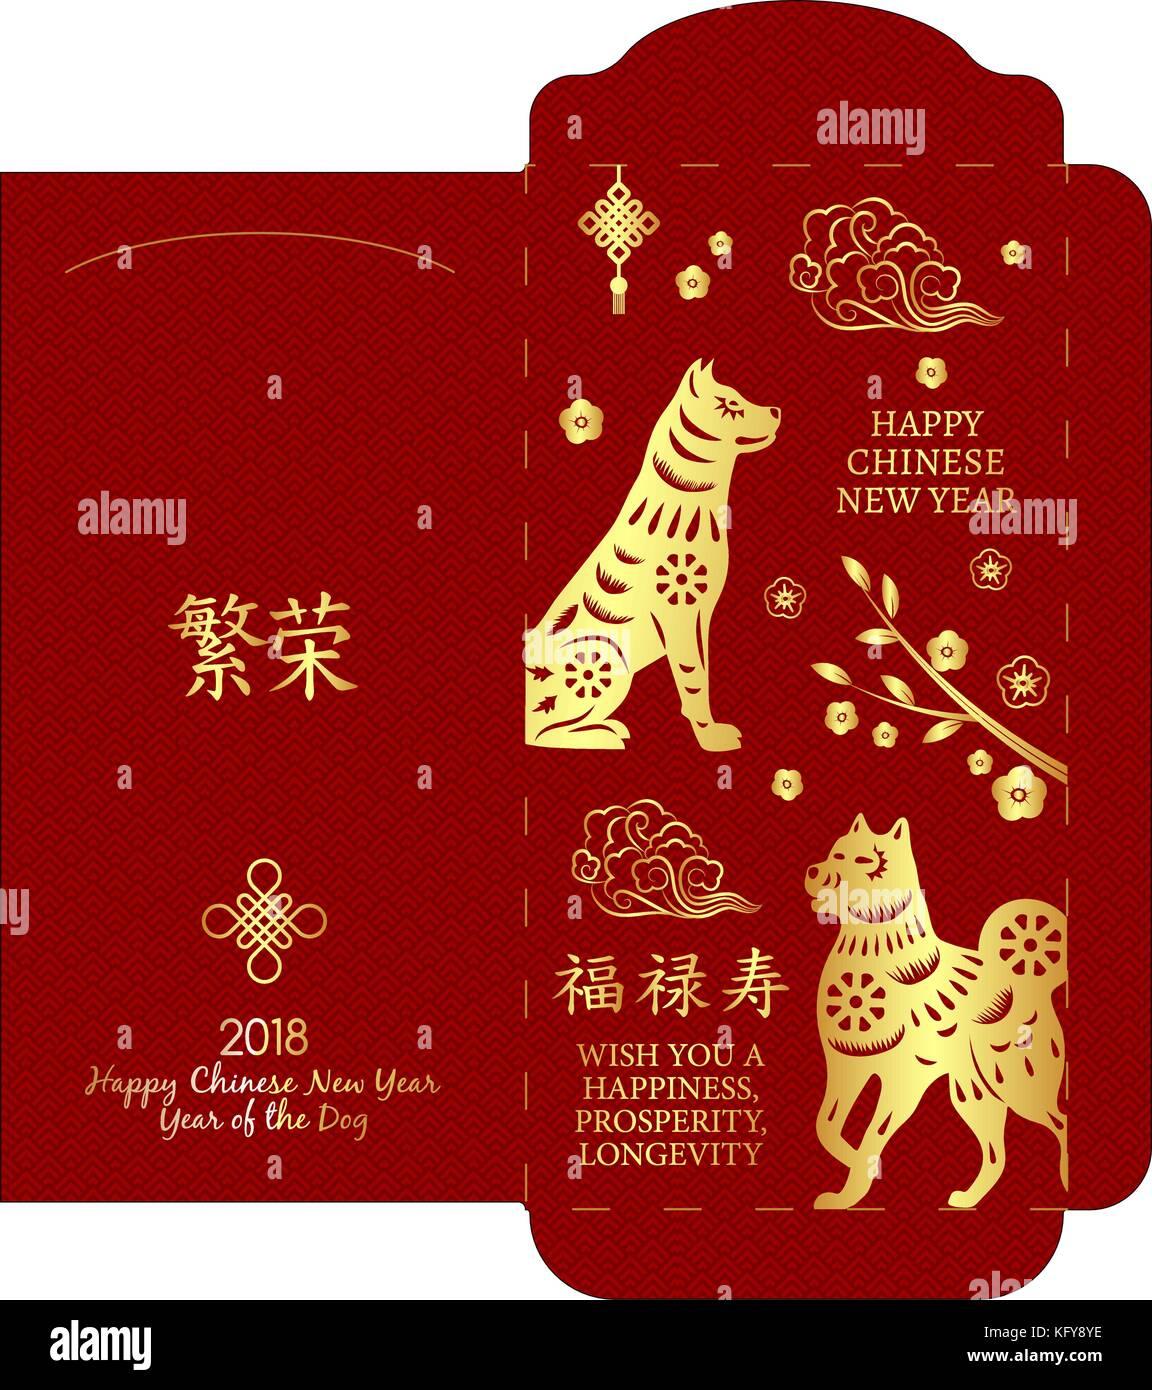 Chinesisches neues Jahr Geld rote Paket, roten Umschlag Vektor ...